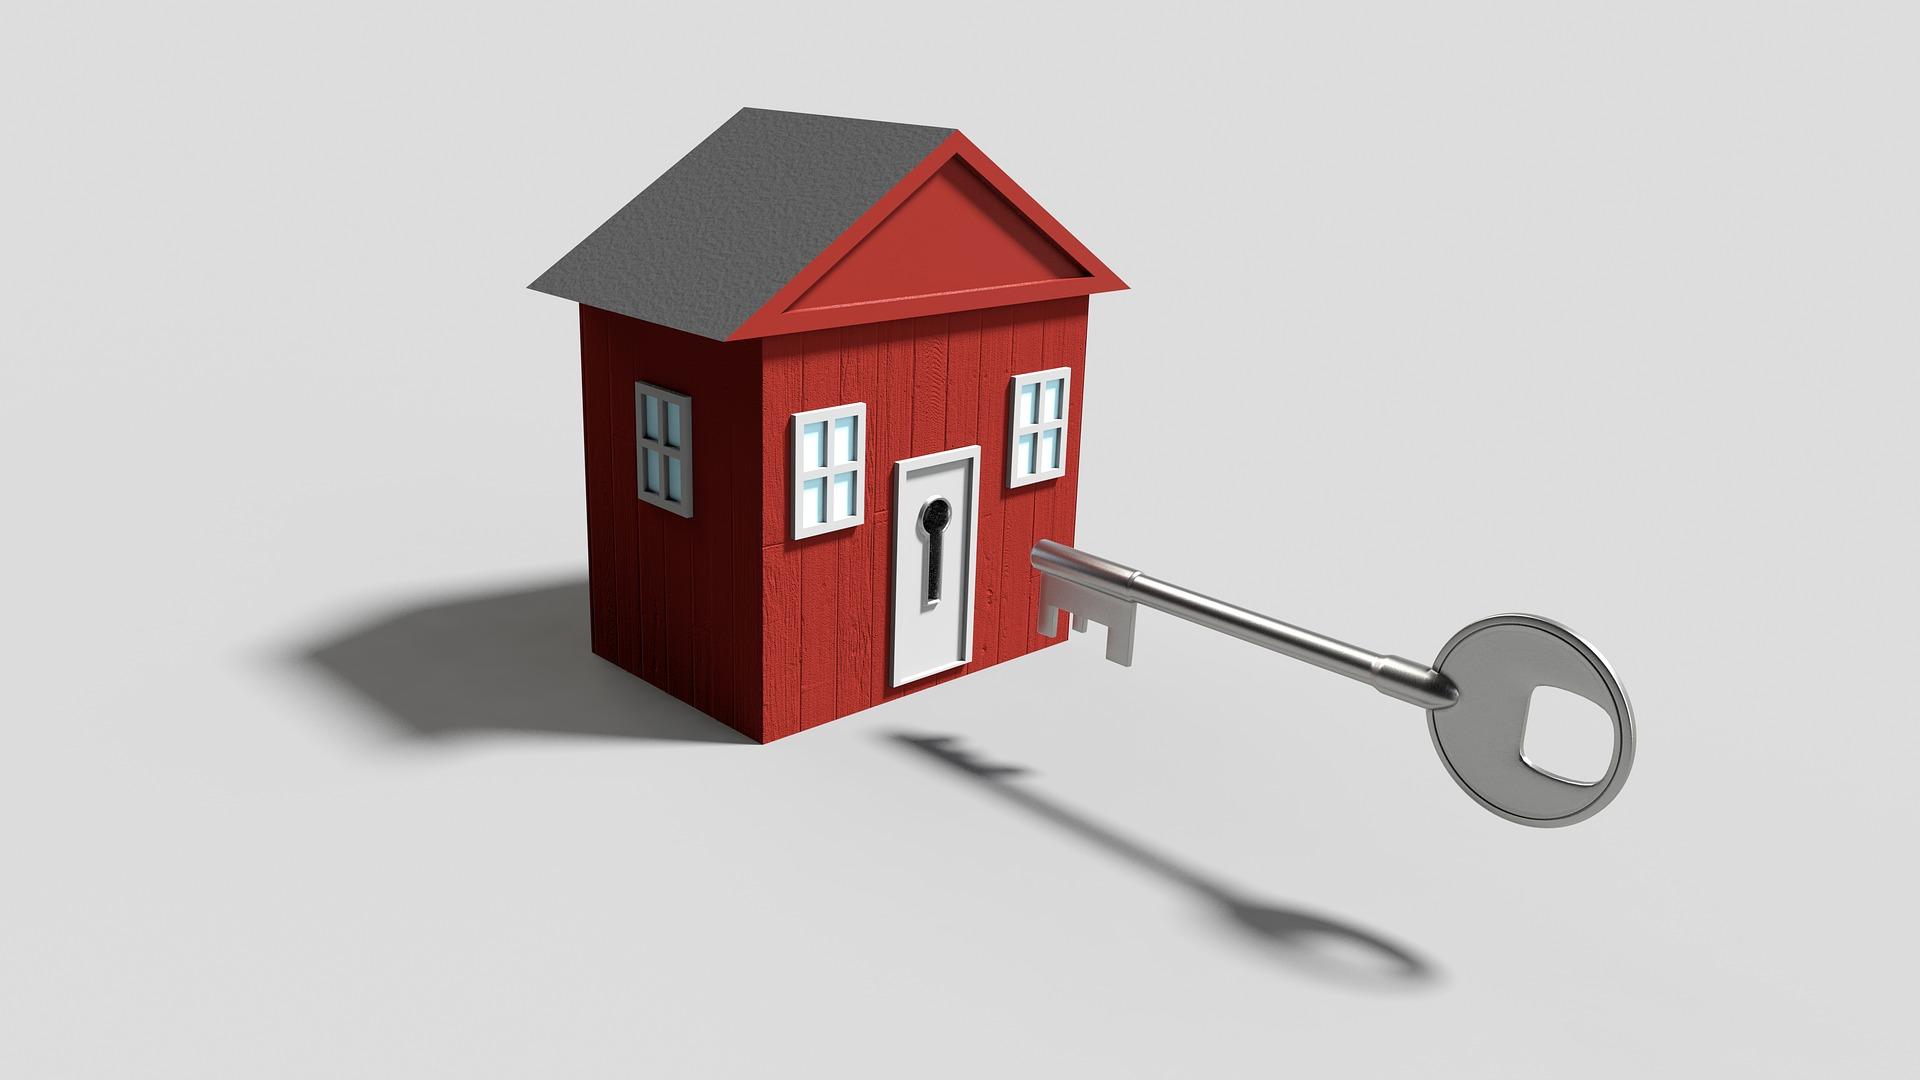 Vill du sälja din egendom?